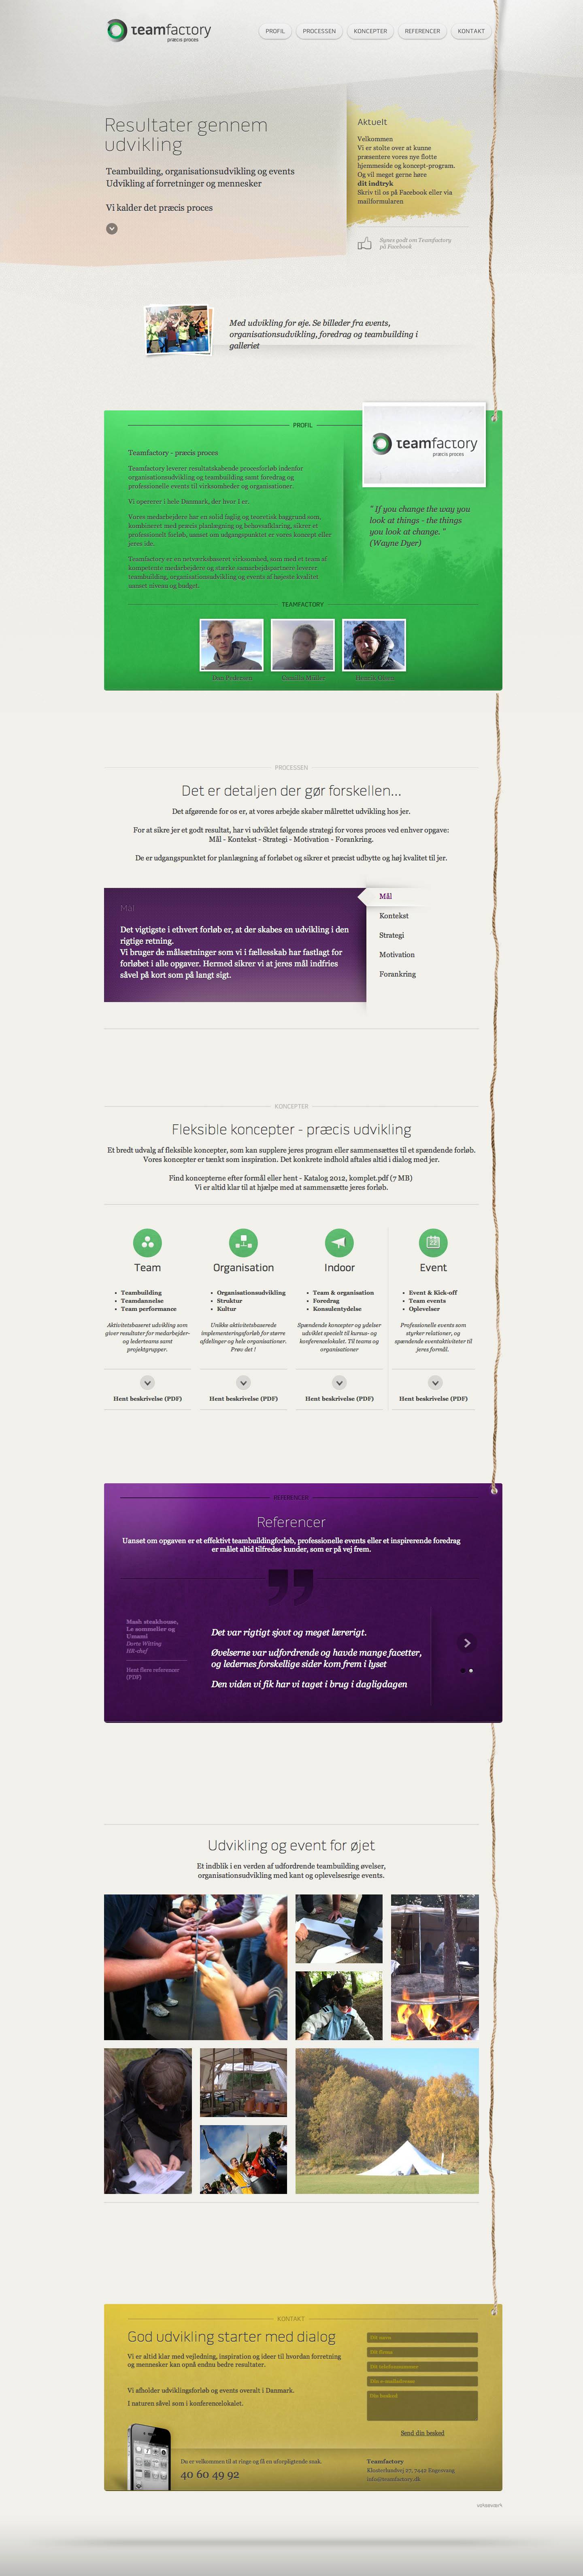 Teamfactory DK Website Screenshot